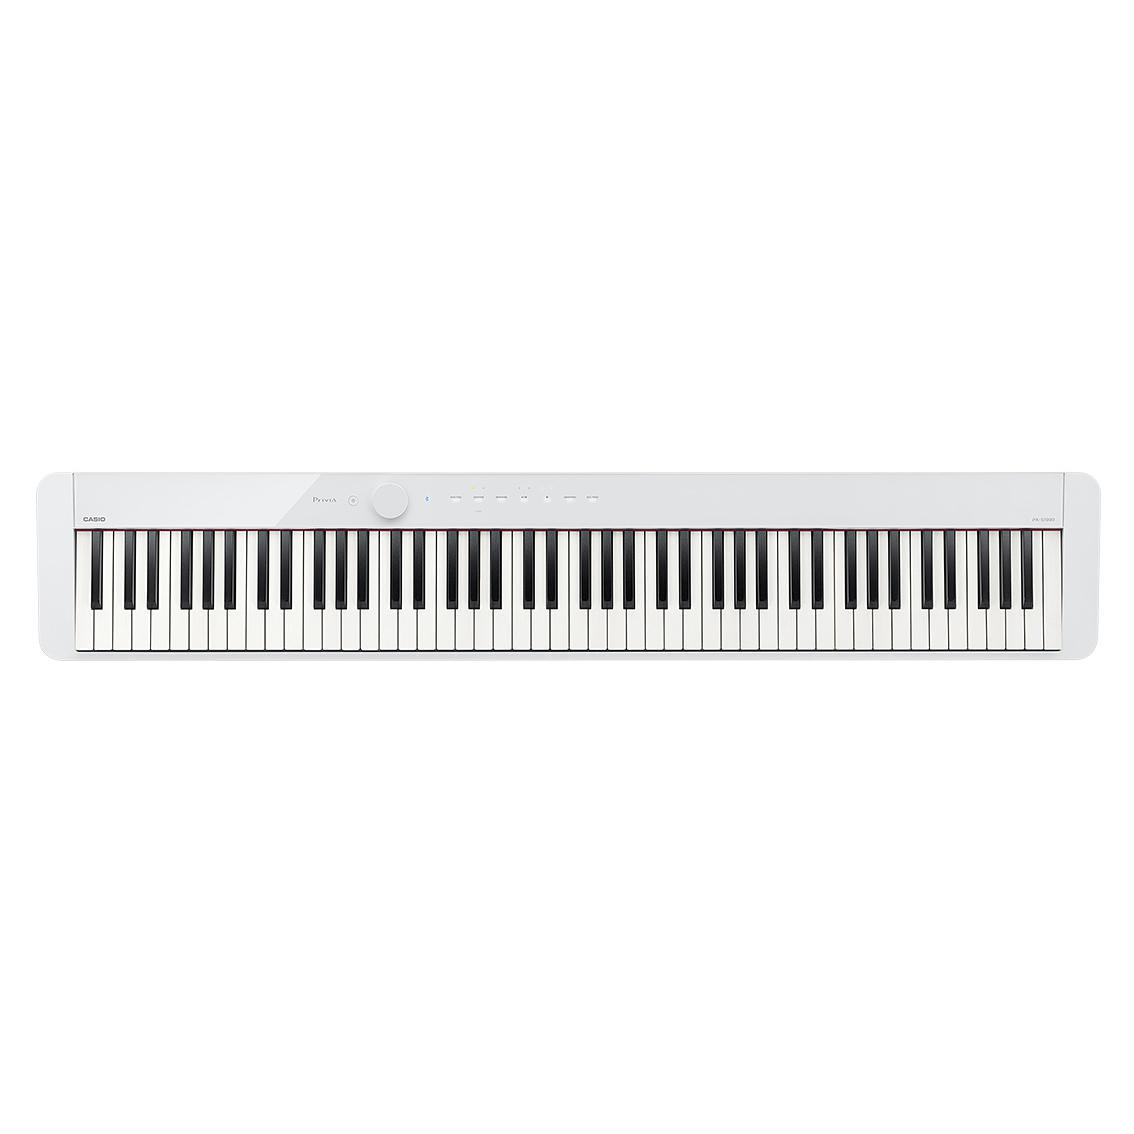 電子ピアノ【カシオ/PX-S1000 WE】